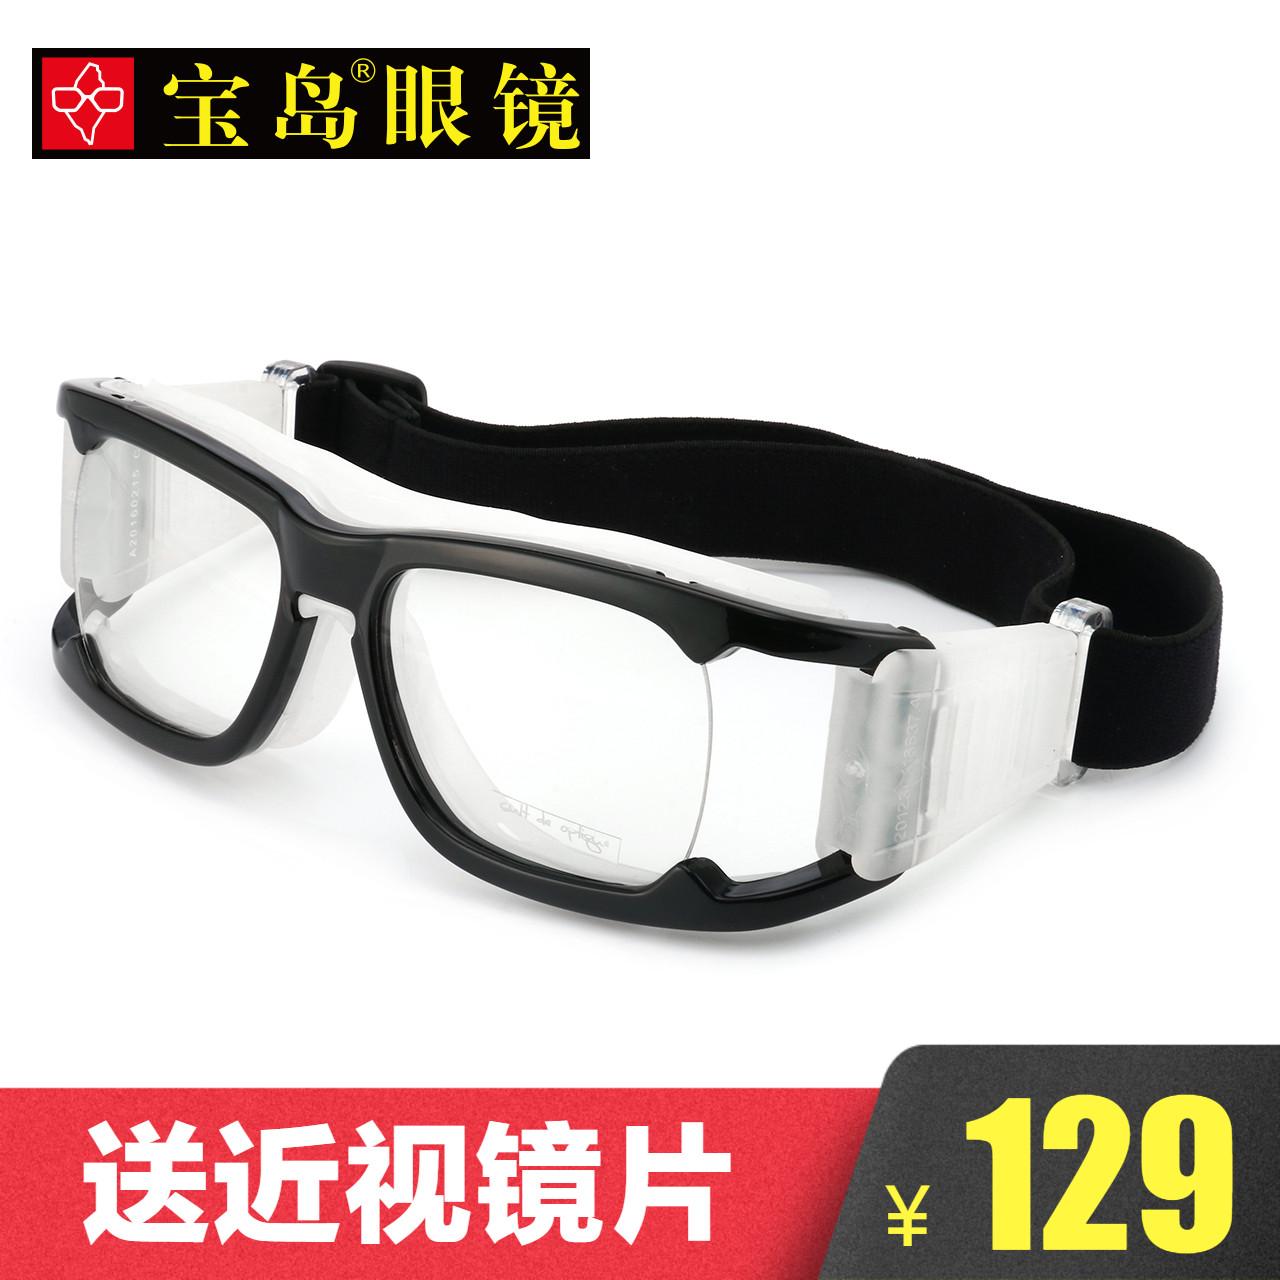 眼镜帮护目镜 男篮球眼镜防雾足球运动防滑眼镜可配近视 宝岛0215